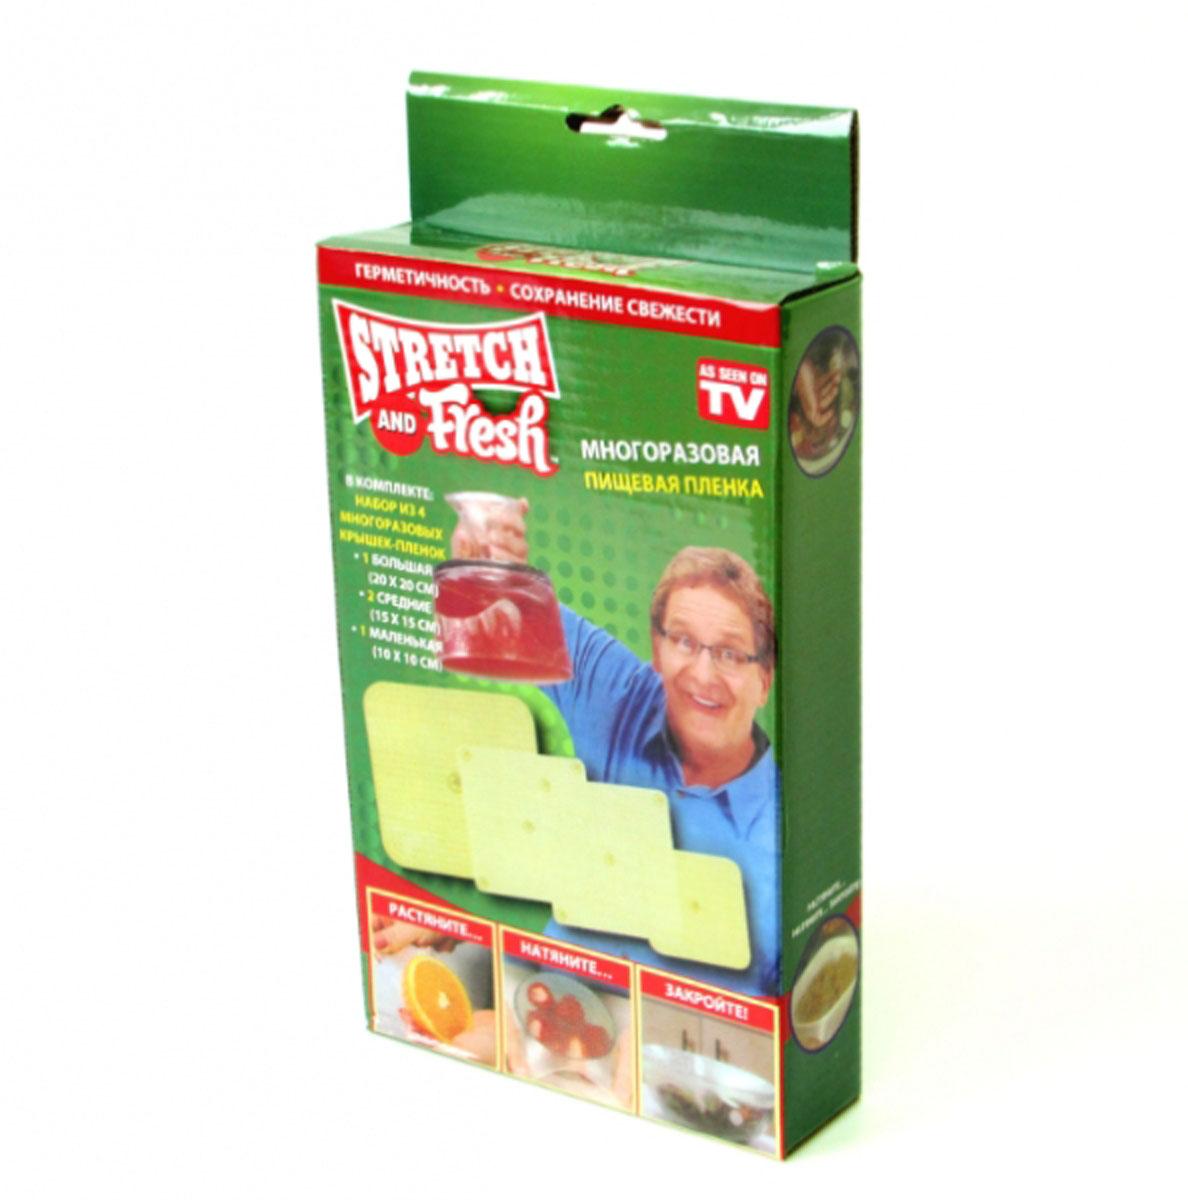 Силиконовая крышка-пленка Stretch and Fresh, 4 шт10180Силиконовые стрейч крышки, которые растягиваются и идеально закрывают любую посуду ( чашки, тарелки, миски, кастрюли) и даже овощи( к примеру арбуз или дыню). Эта крышка-плёнка Stretch and Fresh очень хорошо тянется, за счёт спользования особого пищевого платинового силикона. Она плотно прижимается к краям посуды и создаёт герметичное пространство внутри. Сама она прозрачная и вы легко увидите, что внутри. Теперь вы забудете про фольгу, тонкую плёнку, которая постоянно рвётся. Натянул Stretch and Fresh и полный порядок. Преимущества стрейч крышки: Идеальная герметичная стрейч плёнка, в комплекте три размера, многократное использование, легко моется, имеет три размера, что позволяет закрывать предметы различного размера, позволяет закрывать как круглые так и квадратные и прямоугольные предметы, можно герметично закрыть арбуз, дыню или любой другой твёрдый овощ или фрукт, изготовлены из высококачественного пищевого силикона. Как правильно пользоваться крышками: Протрите...